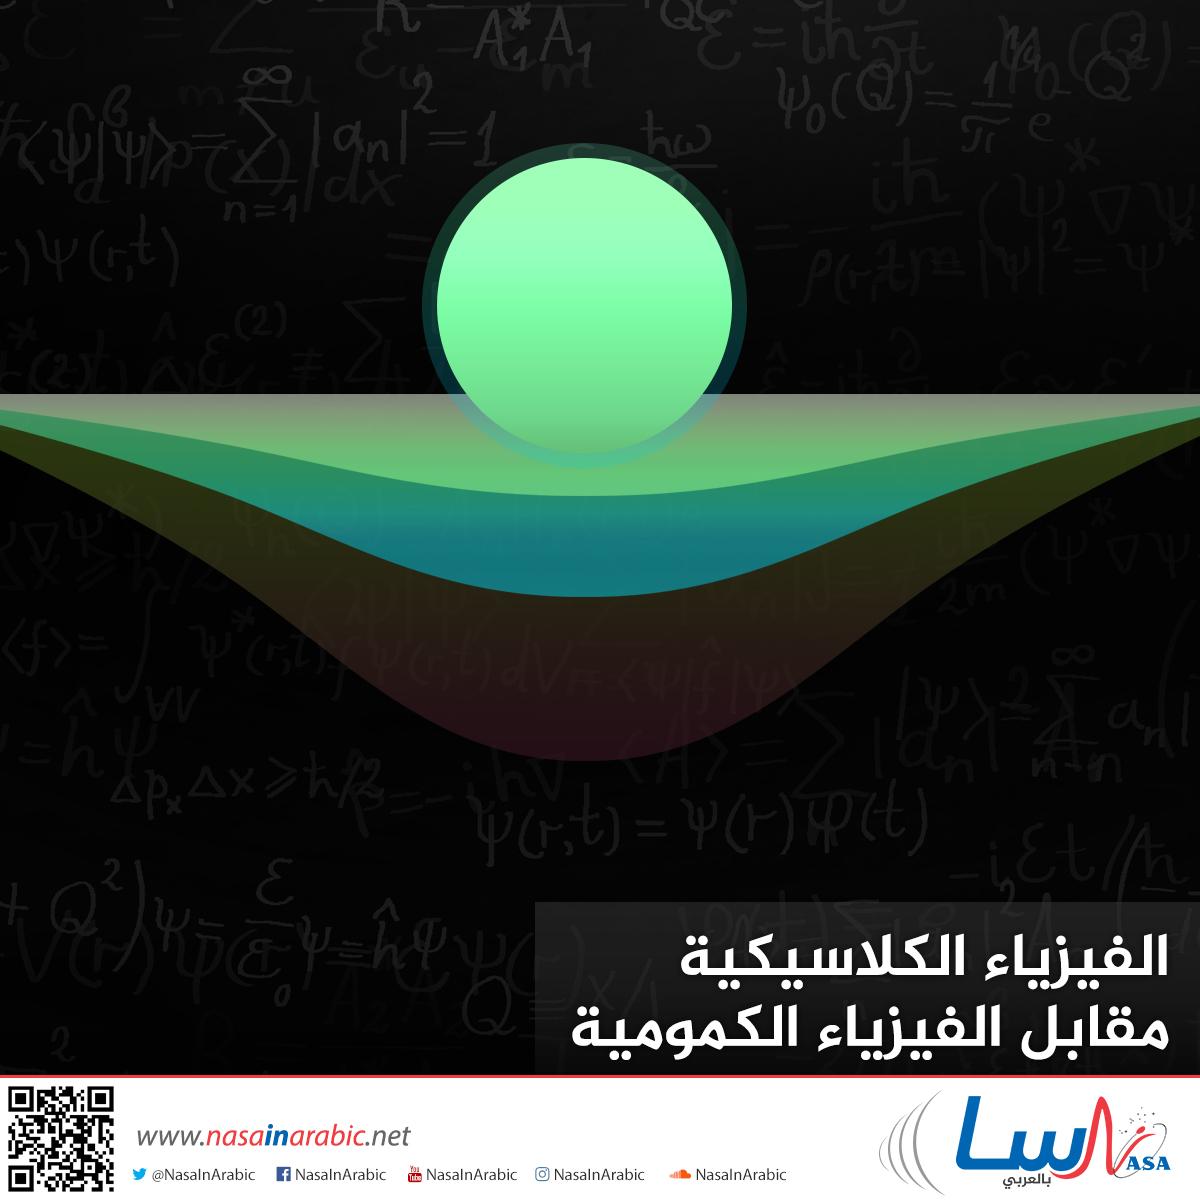 الفيزياء الكلاسيكية مقابل الفيزياء الكمومية